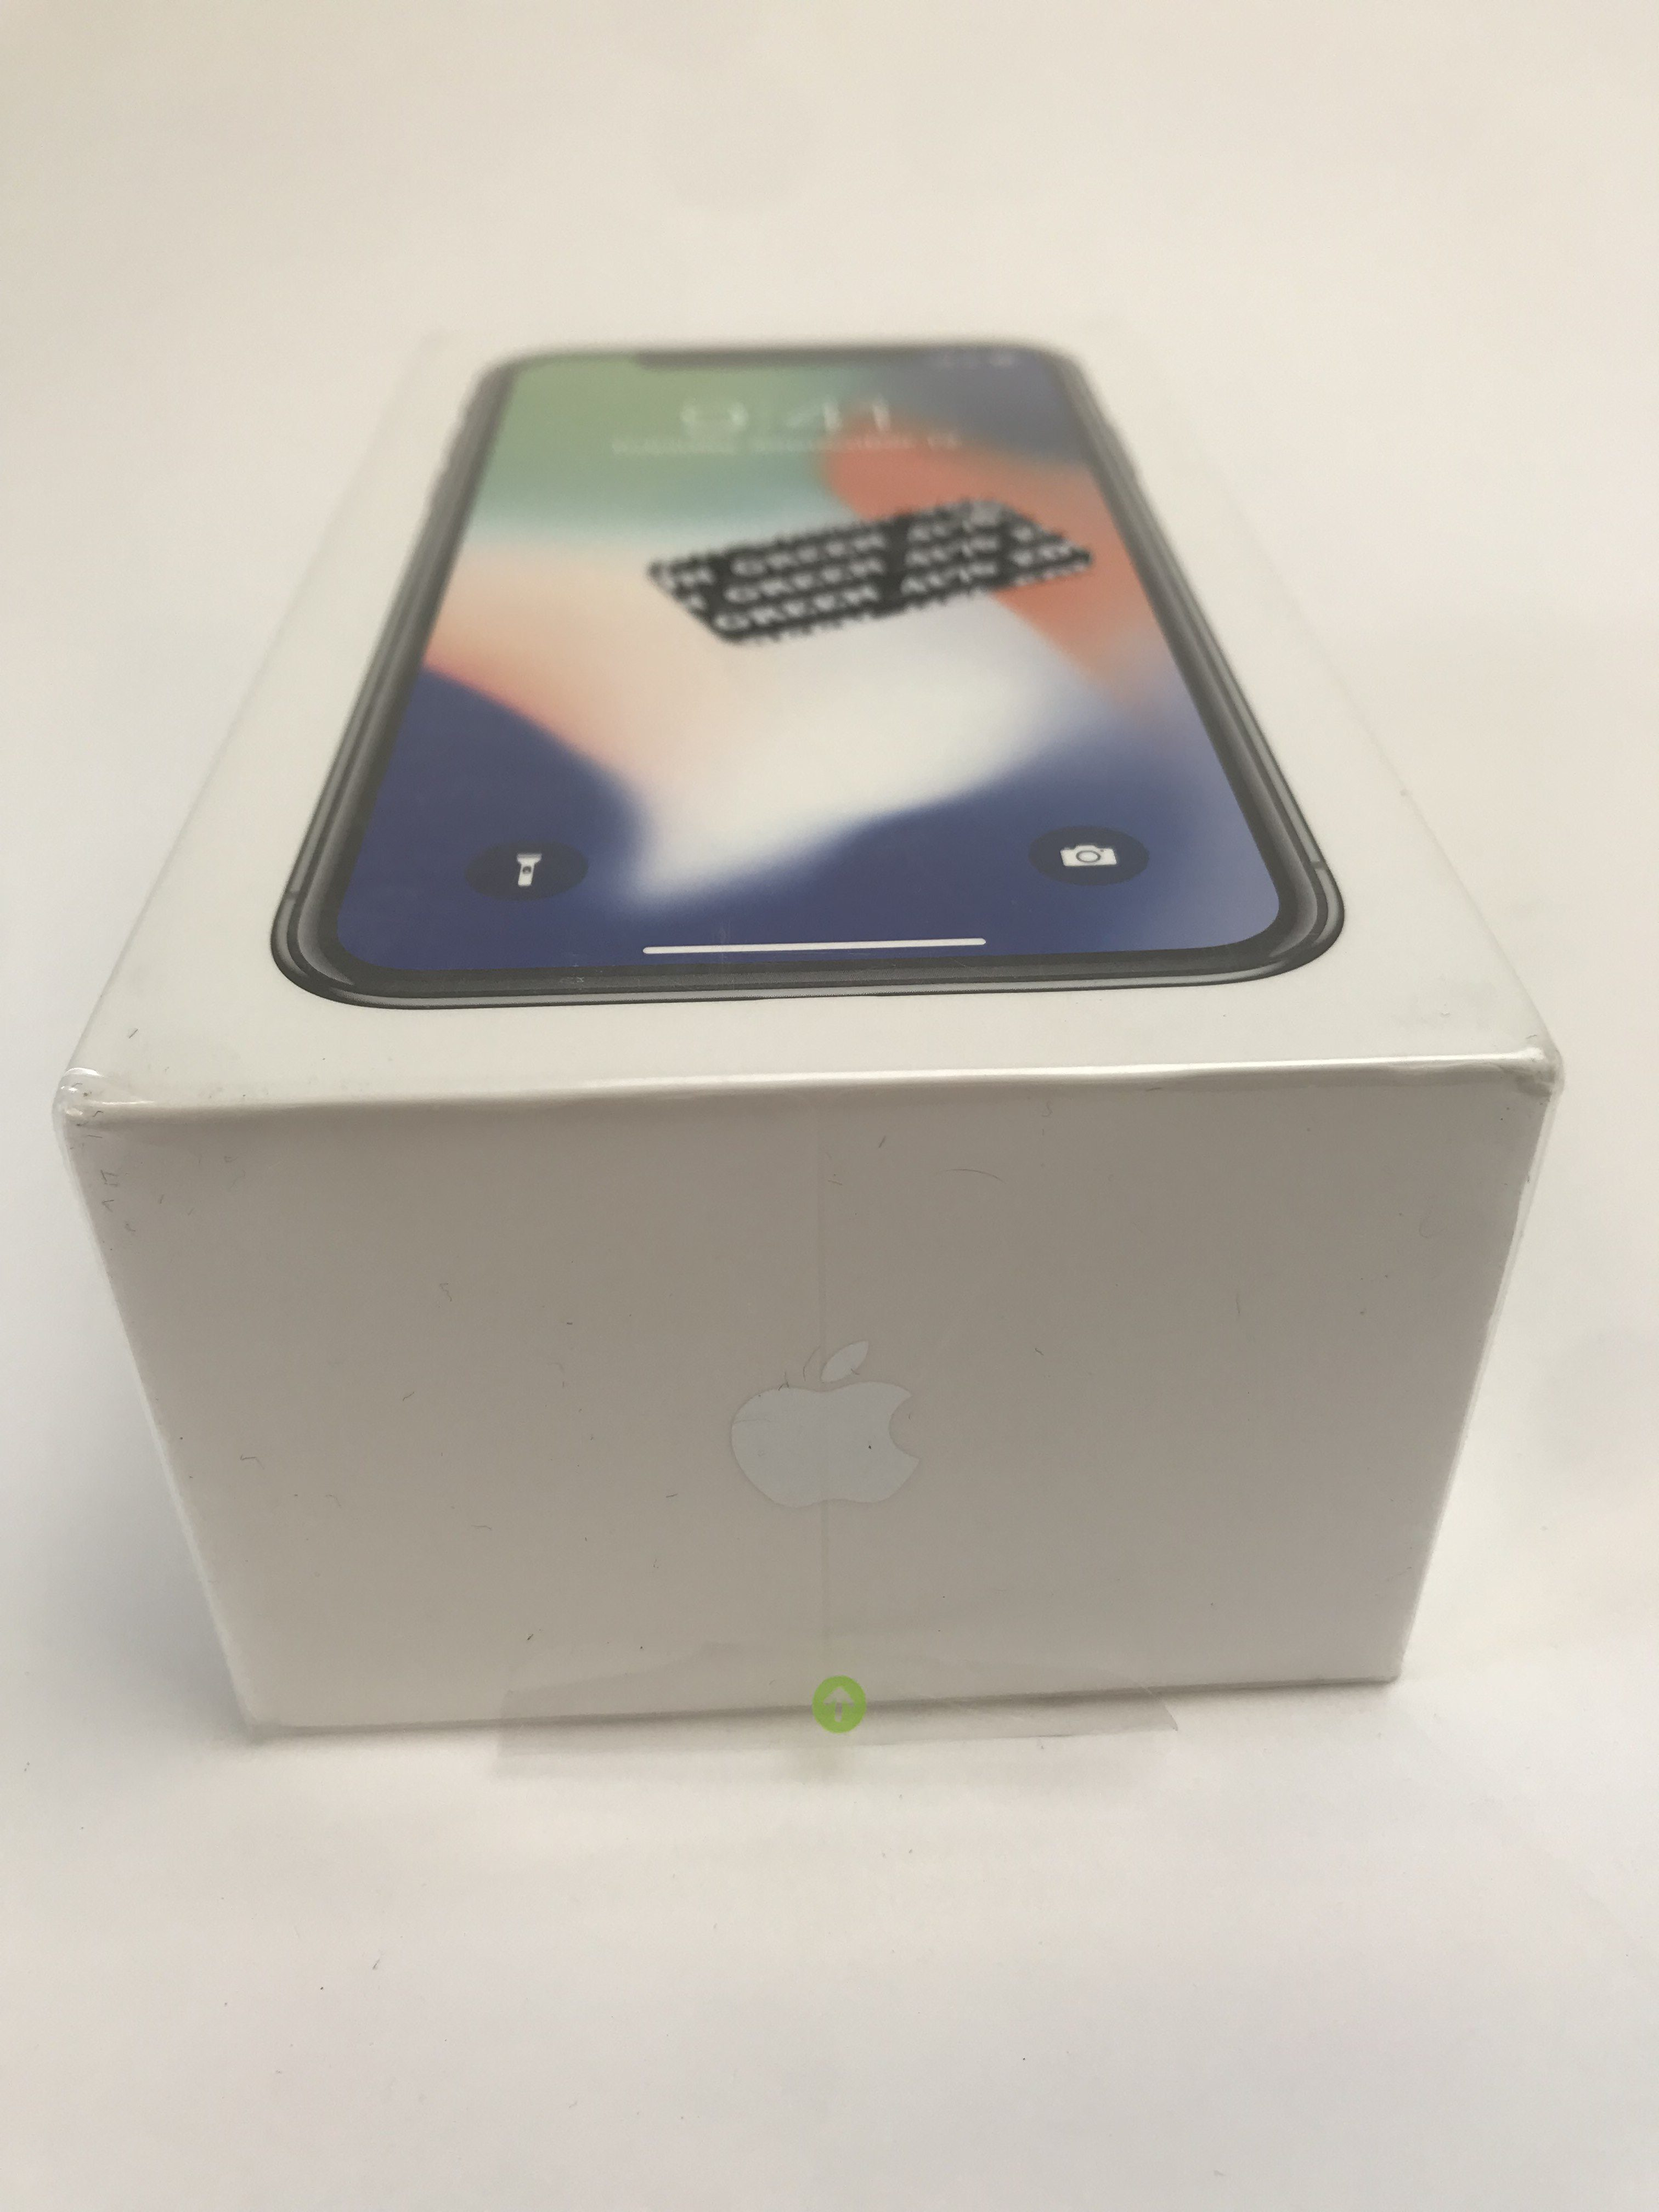 iPhone X 256GB, 256gb, Silver, image 2